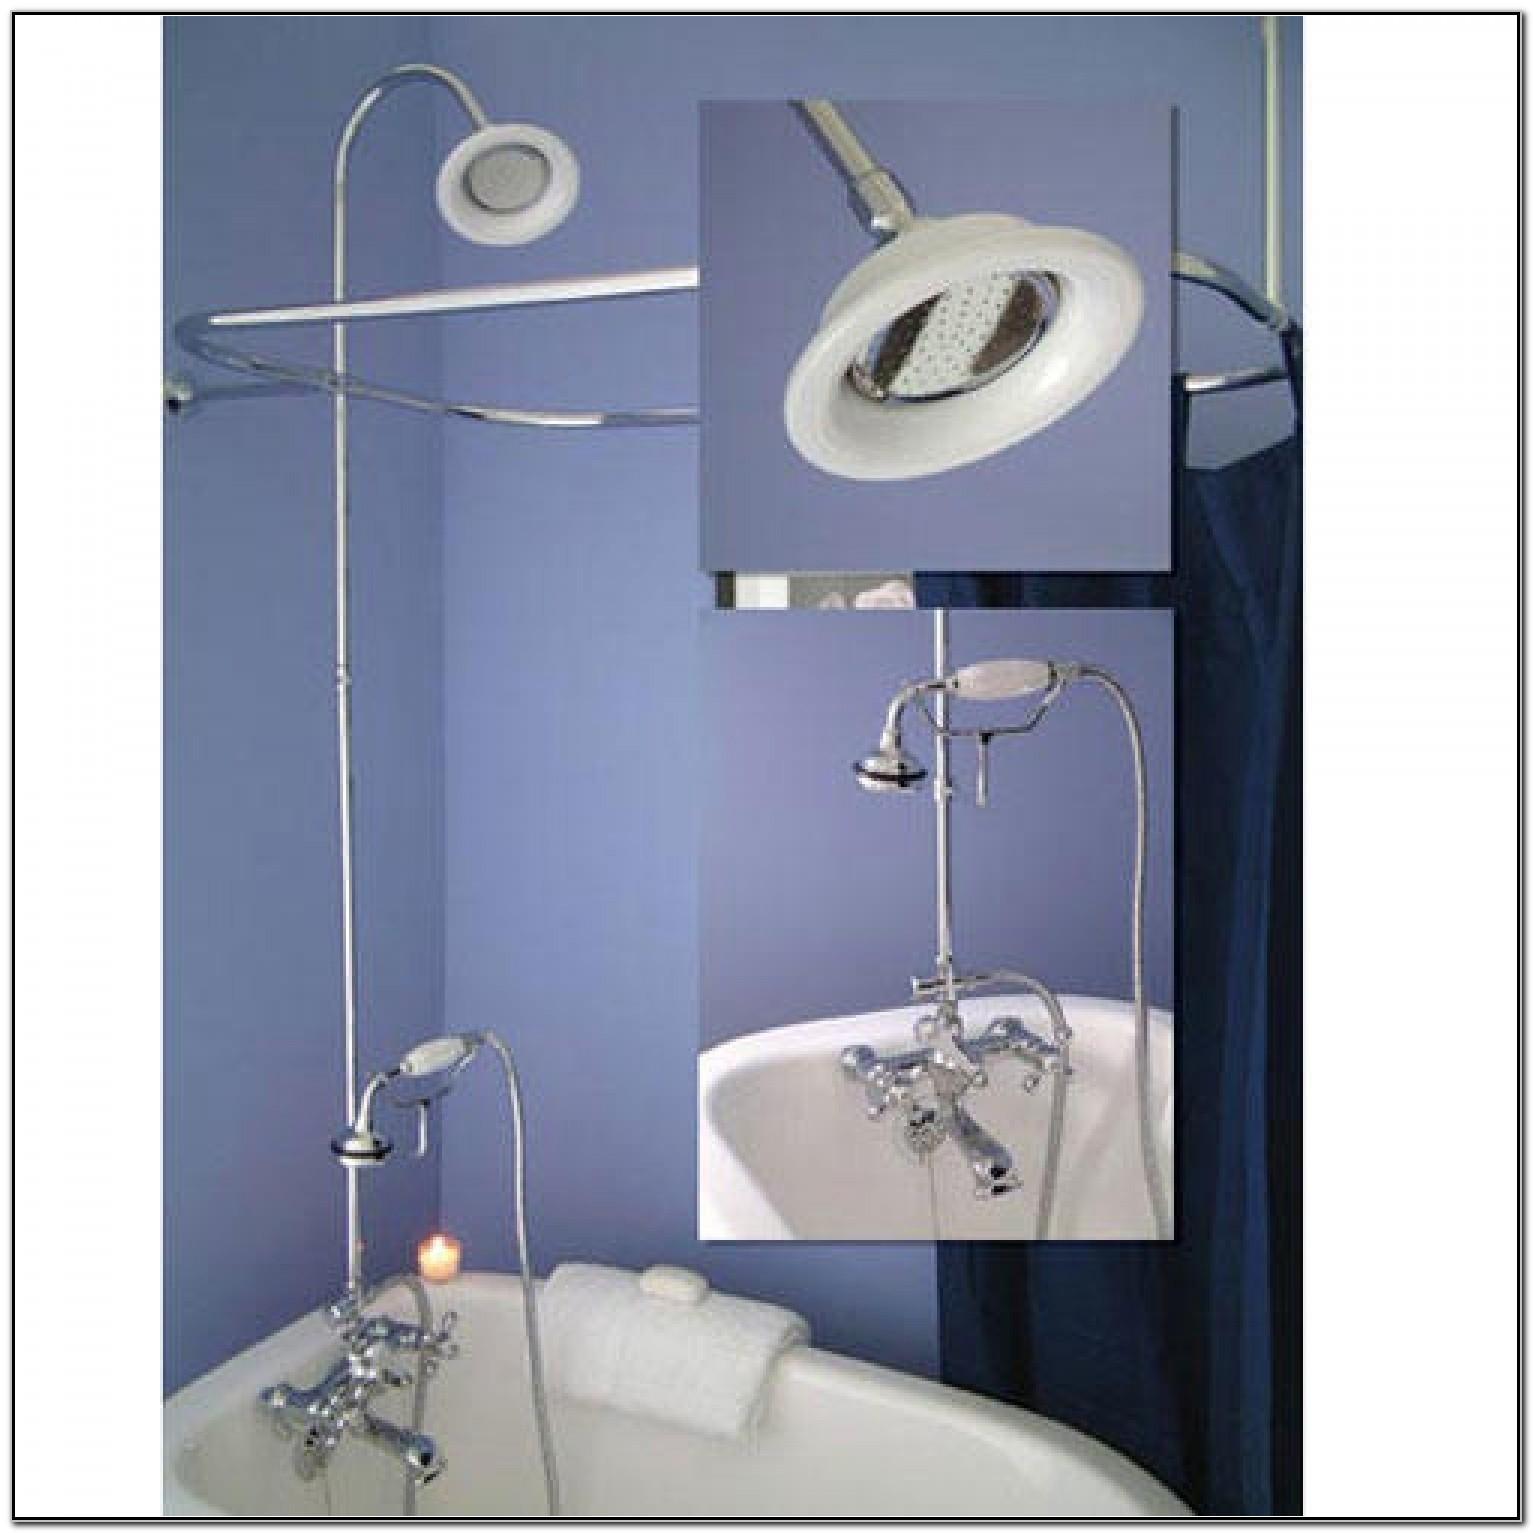 Blanco Undermount Kitchen Sink Installation